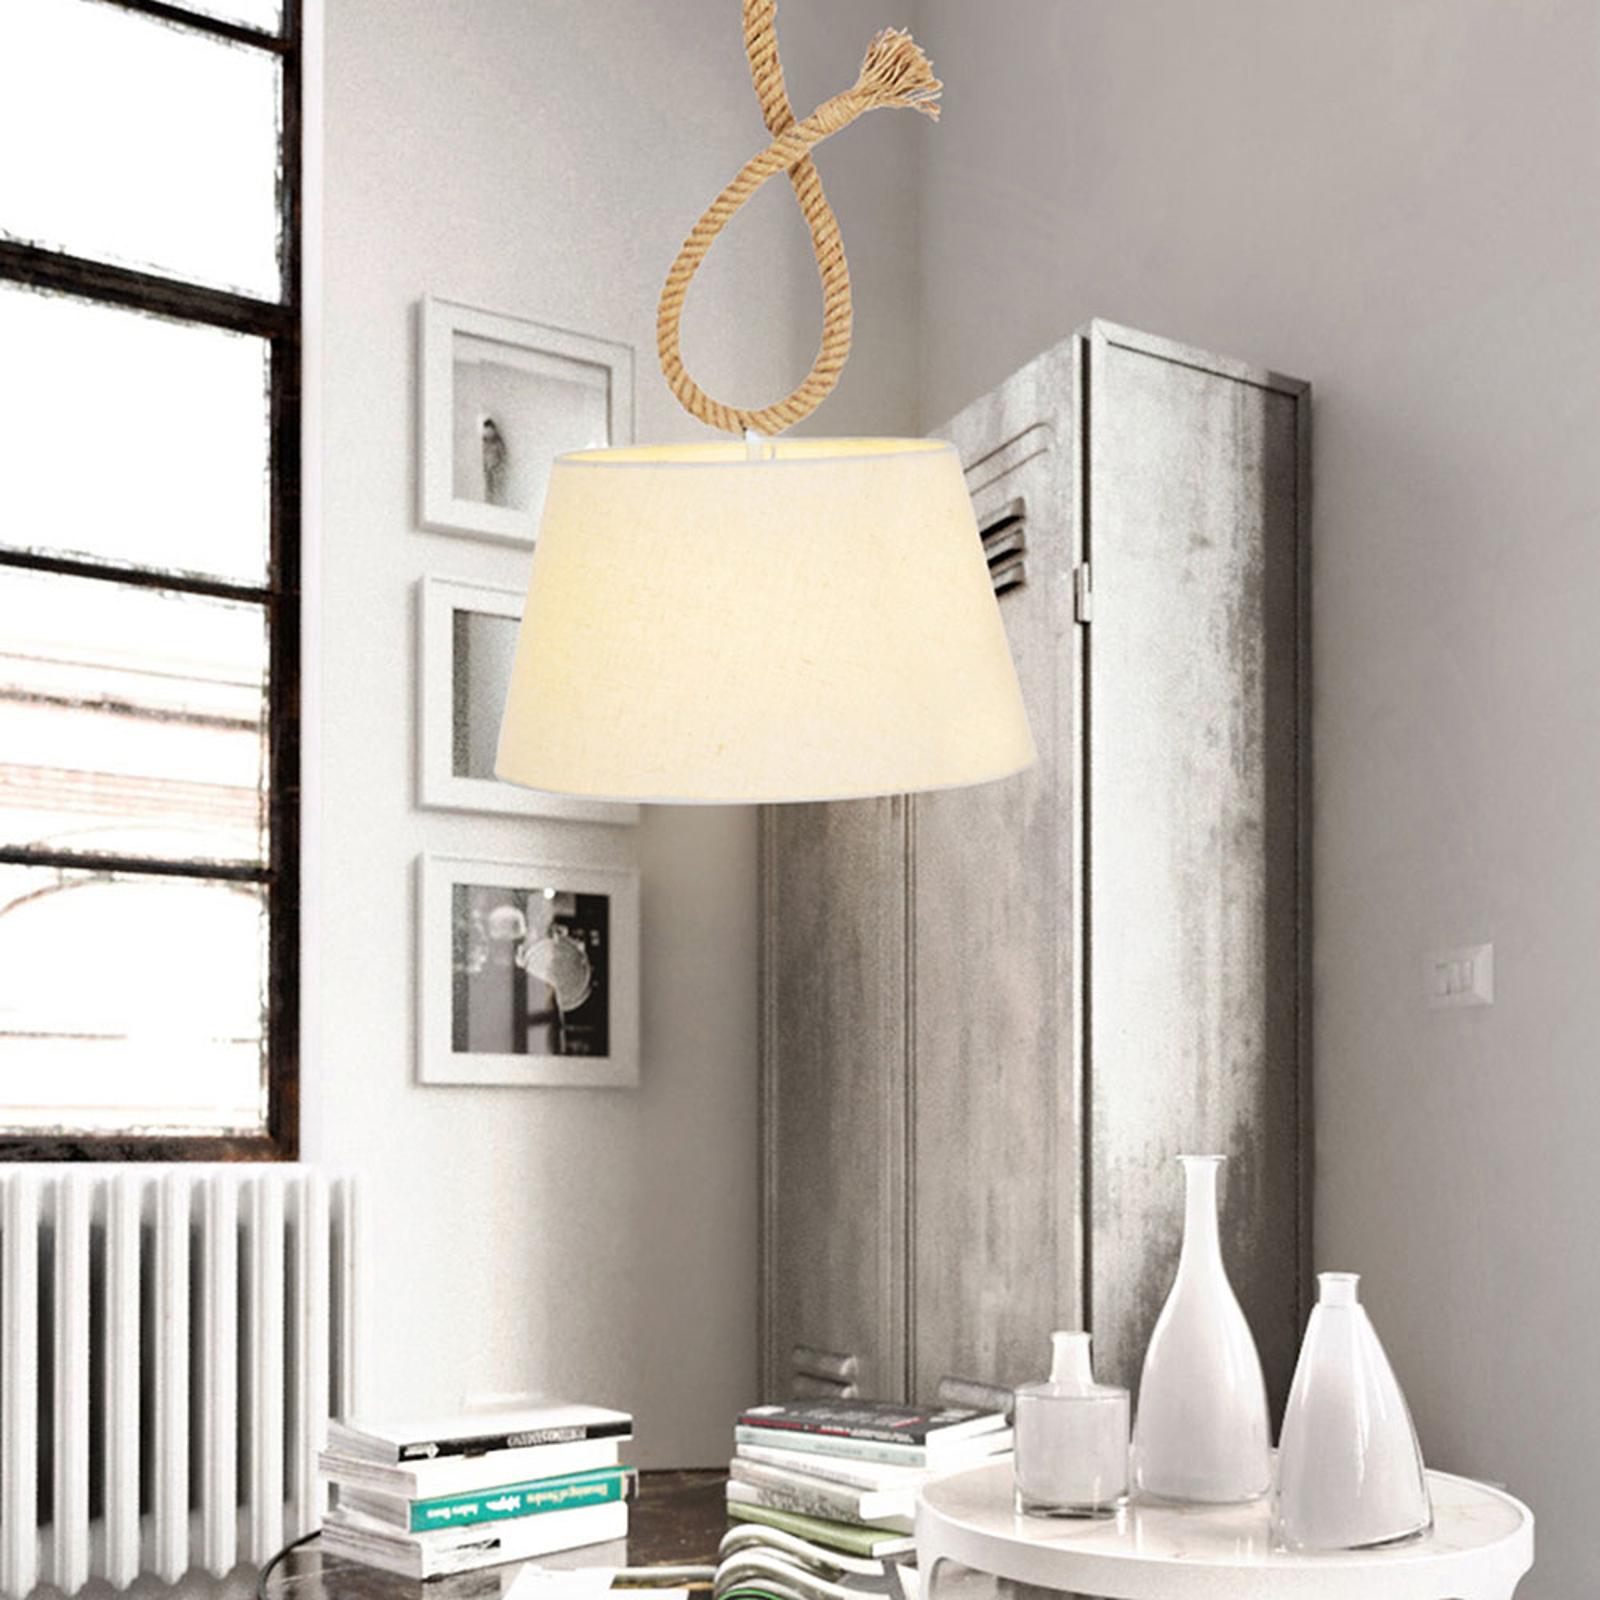 Hanglamp Rope met stoffen kap, Ø 35 cm